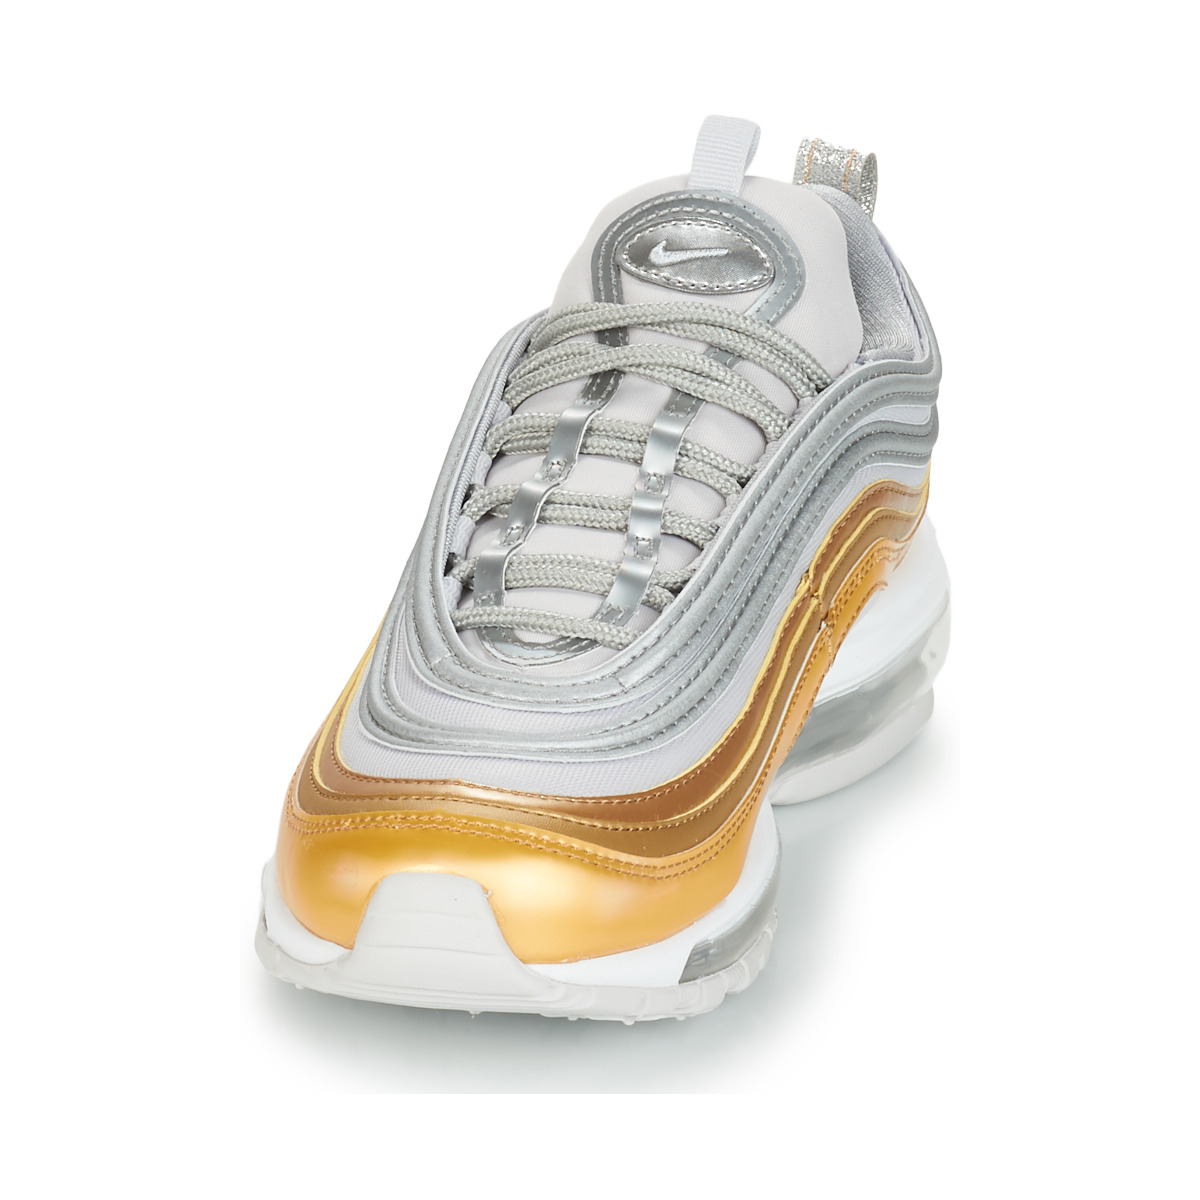 Nike AIR MAX 97 SPECIAL EDITION W W W Gris   Oro - Envío gratis Nueva promoción - Zapatos Deportivas bajas Mujer 612ed9